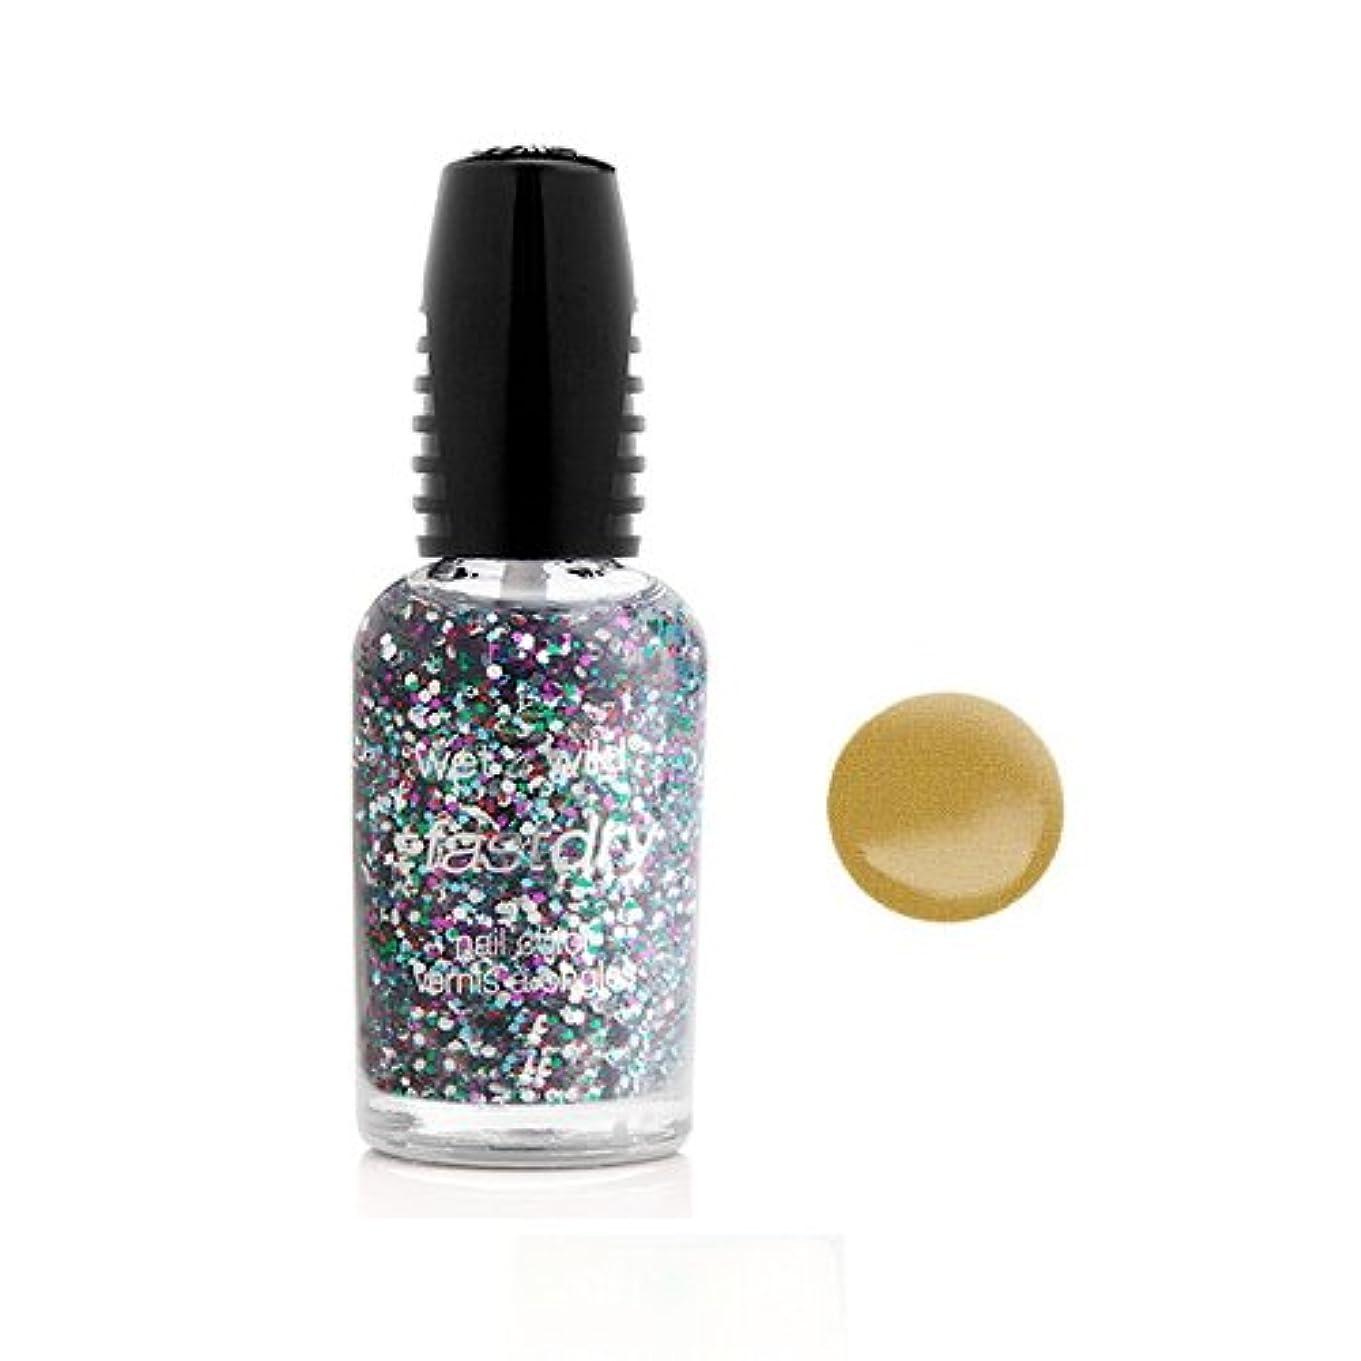 漁師毛細血管機械的(6 Pack) WET N WILD Fastdry Nail Color - The Gold & the Beautiful (DC) (並行輸入品)